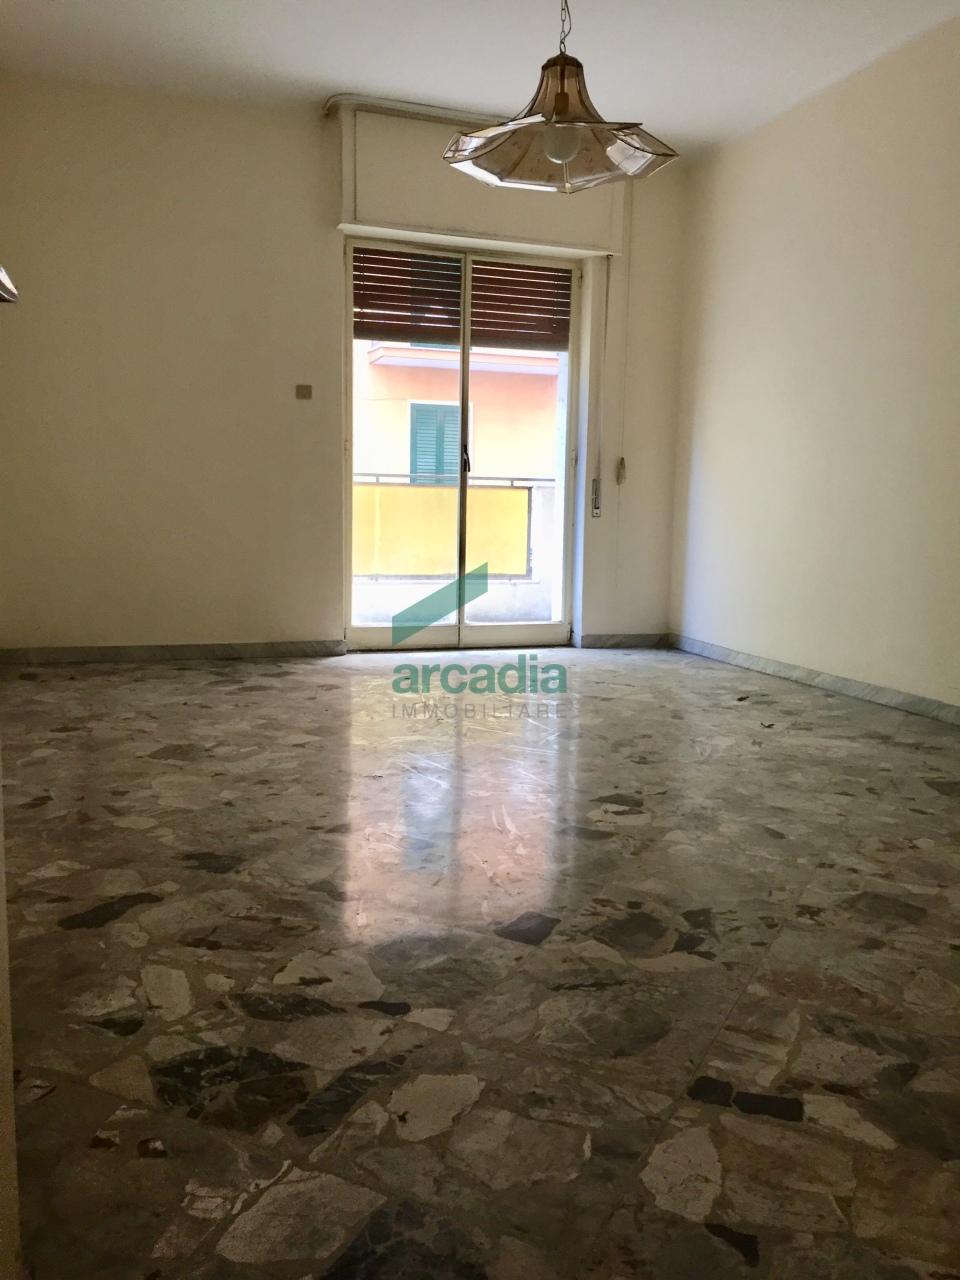 Appartamento in vendita a Bari, 4 locali, prezzo € 169.000 | CambioCasa.it